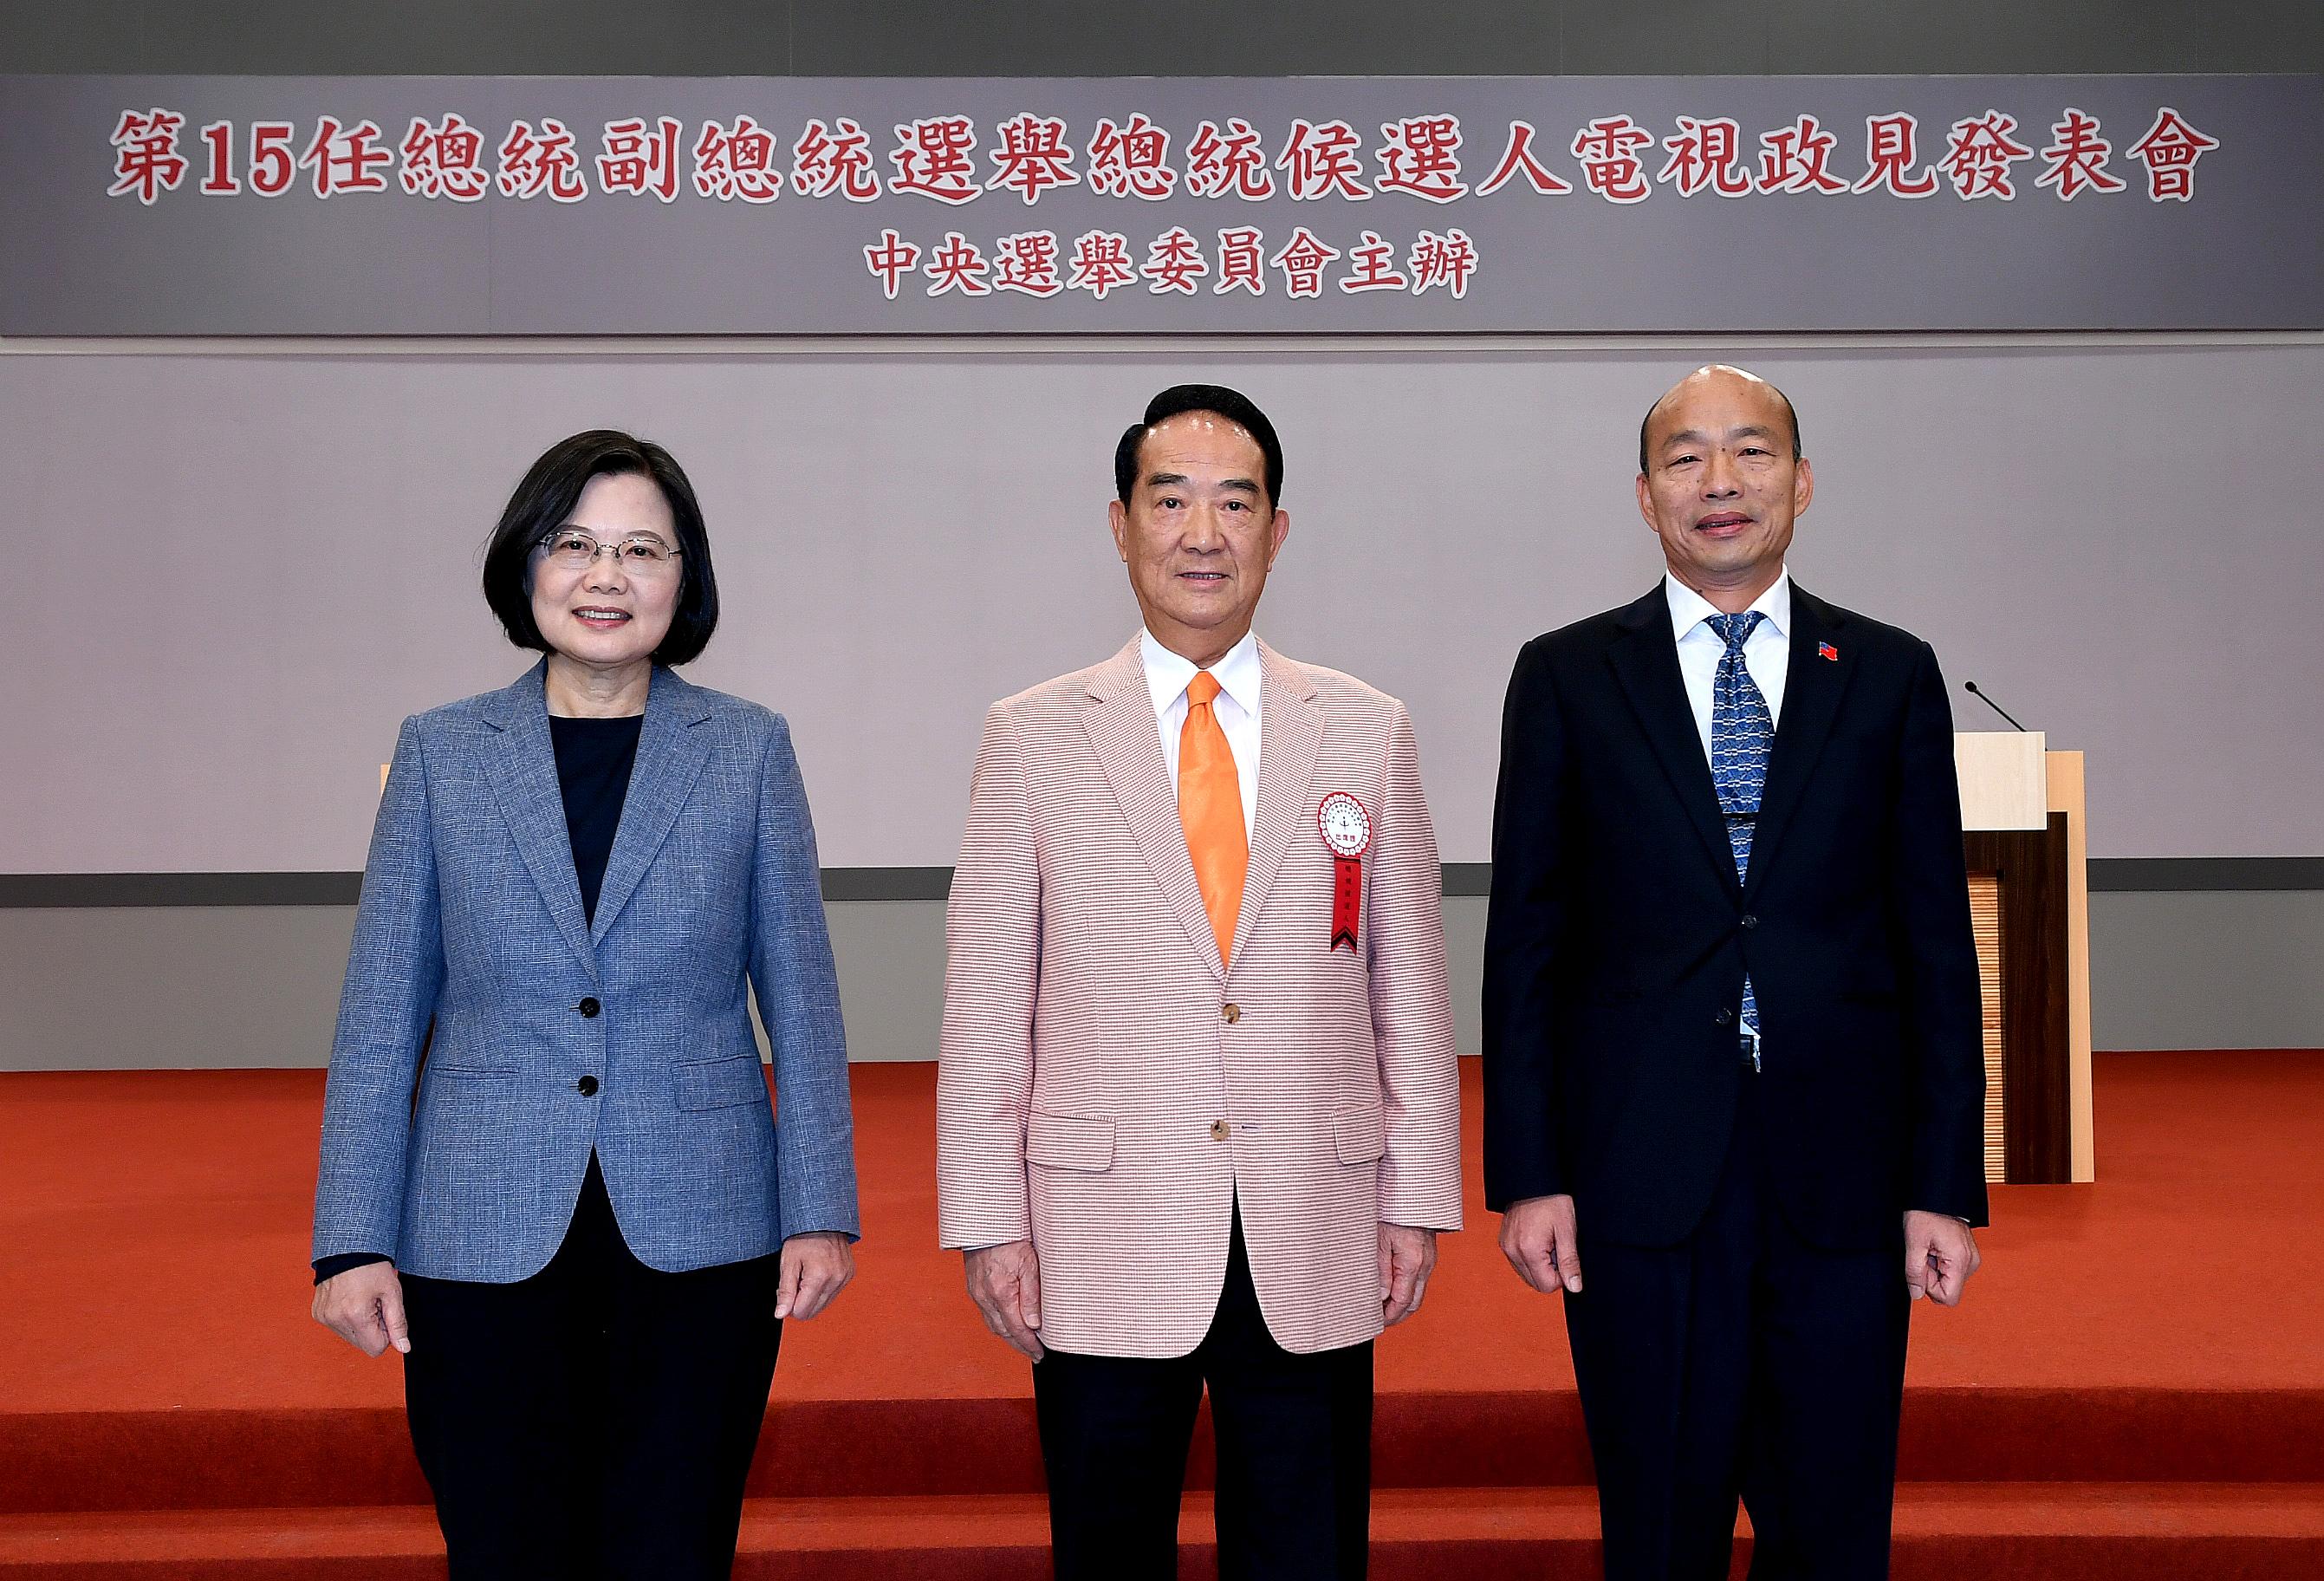 中華民國大選在即 國際關注假訊息操縱選舉